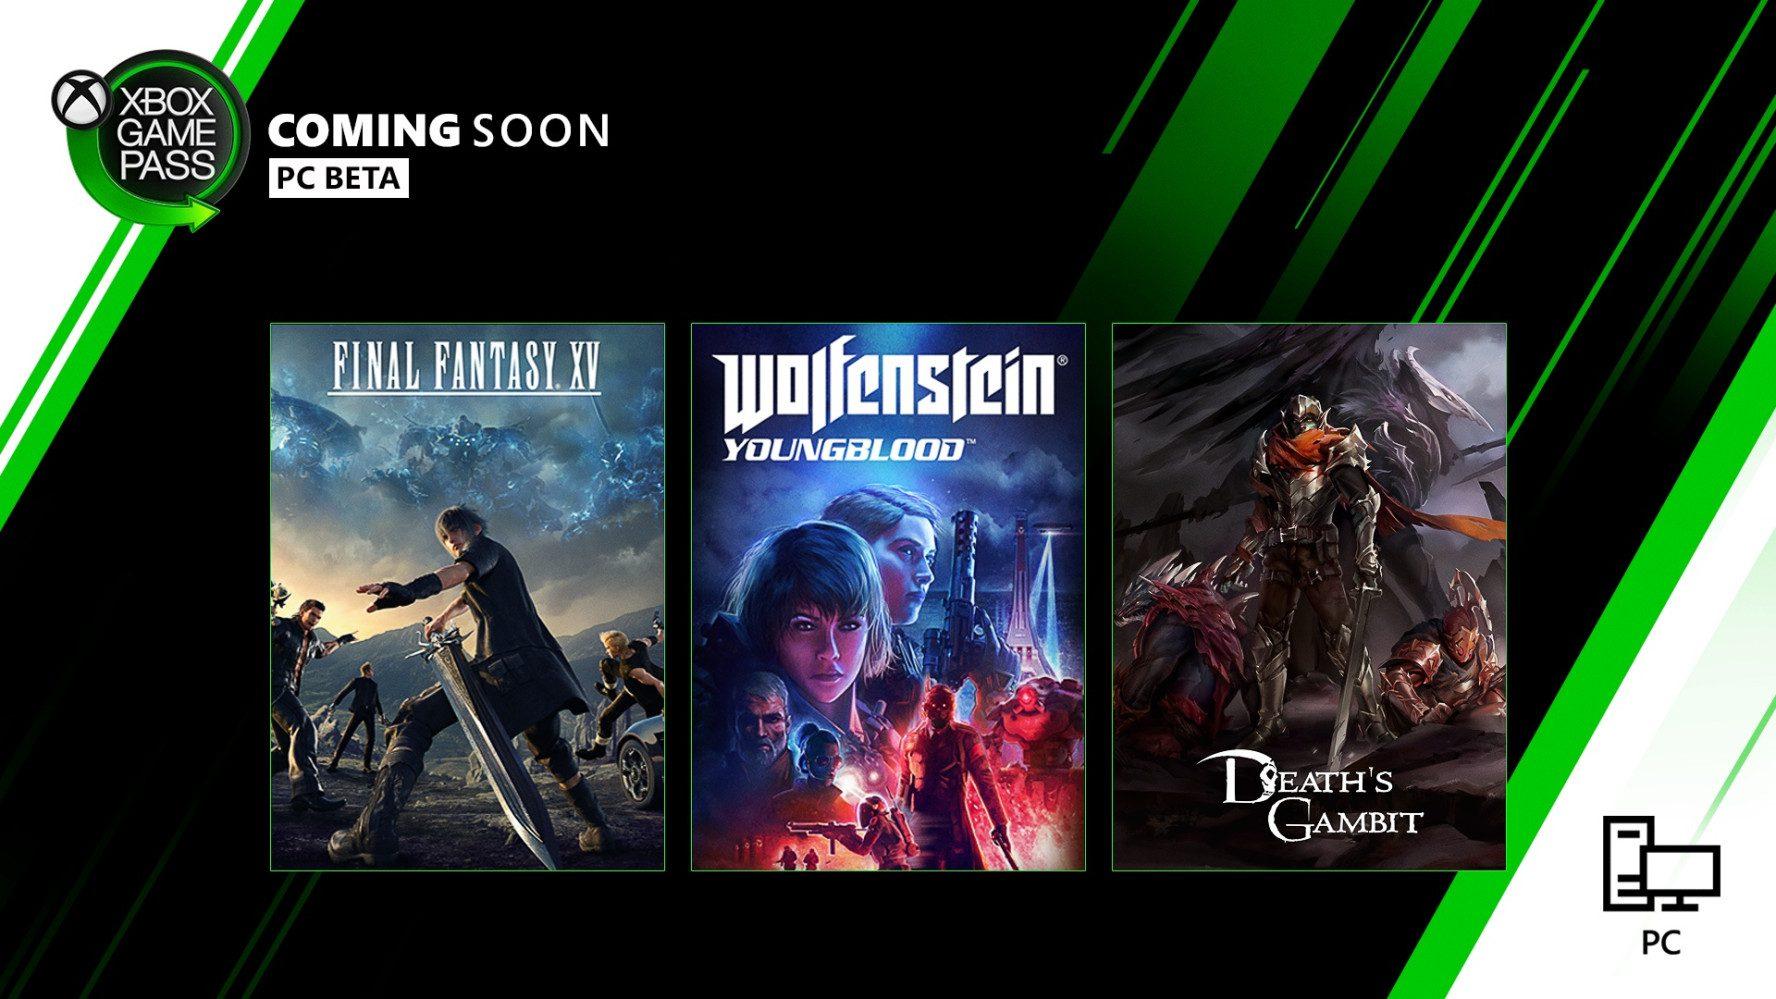 Estos son los juegos que llegarán próximamente a Xbox Game Pass PC Beta